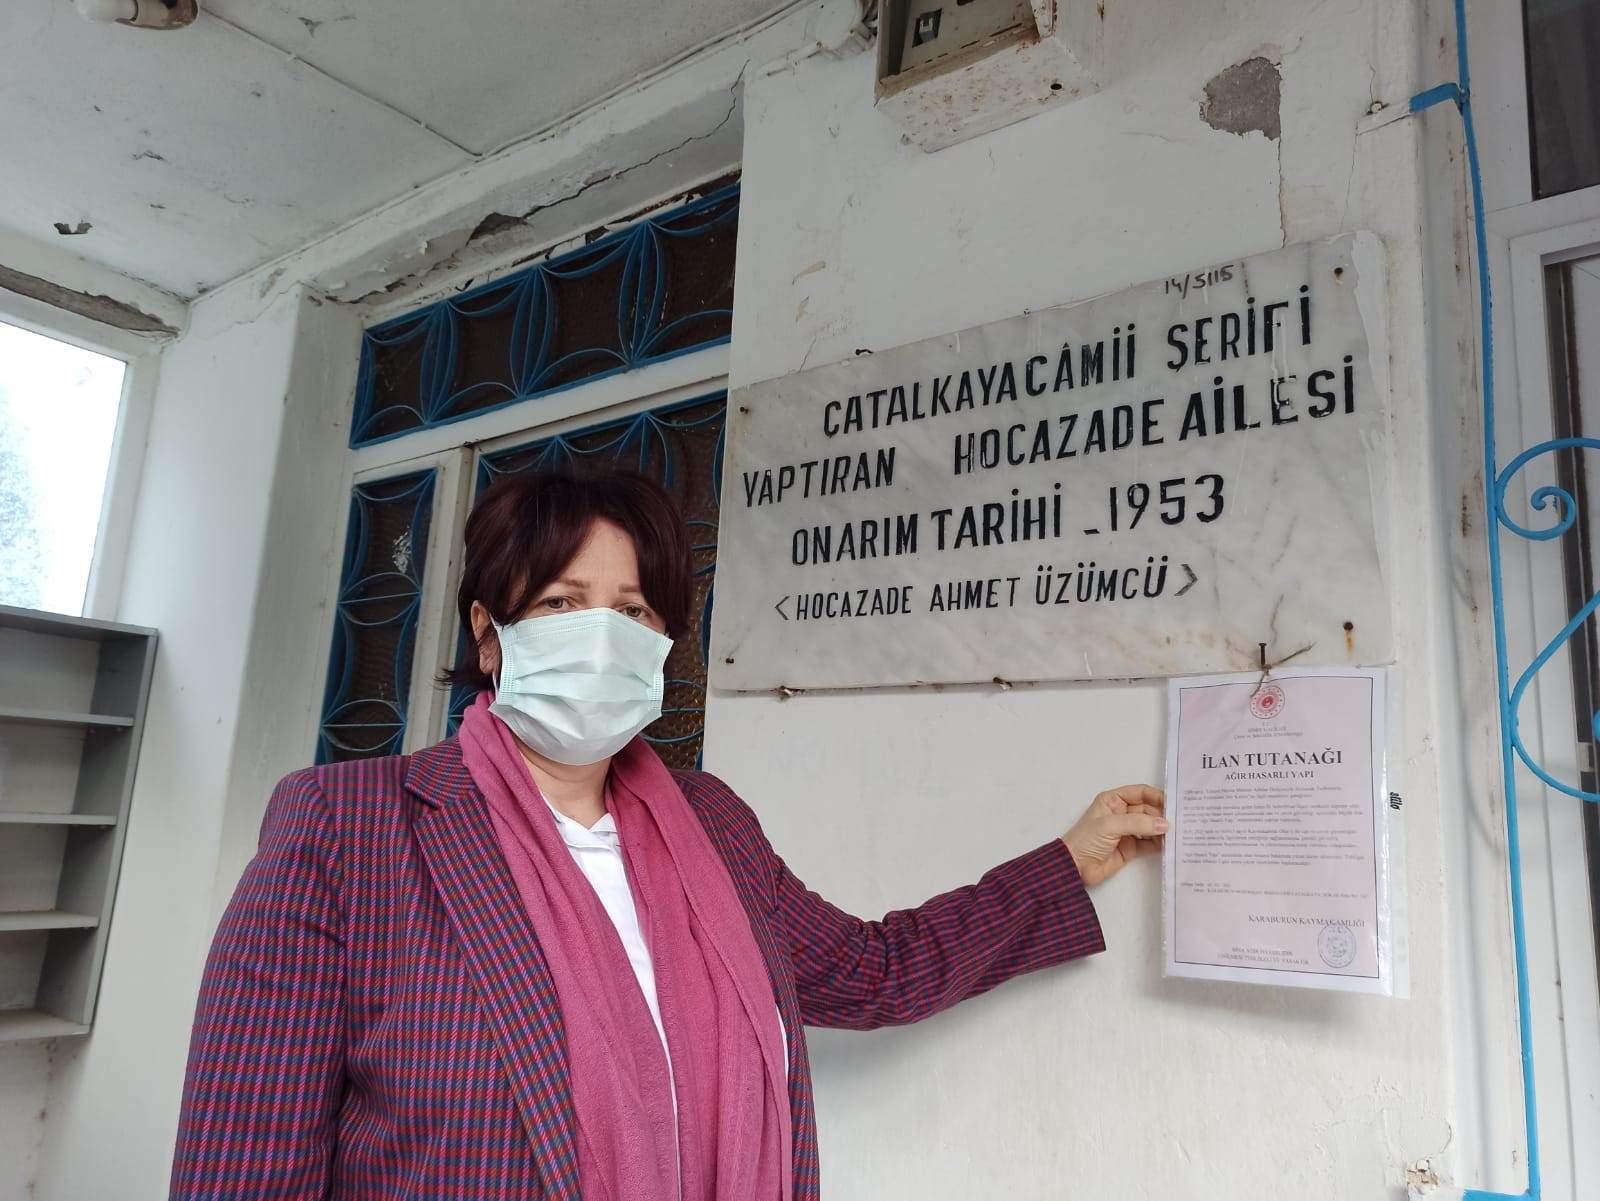 """BİR """"YIKMAYIN"""" ÇAĞRISI DA ÇATALKAYA CAMİSİ İÇİN!"""